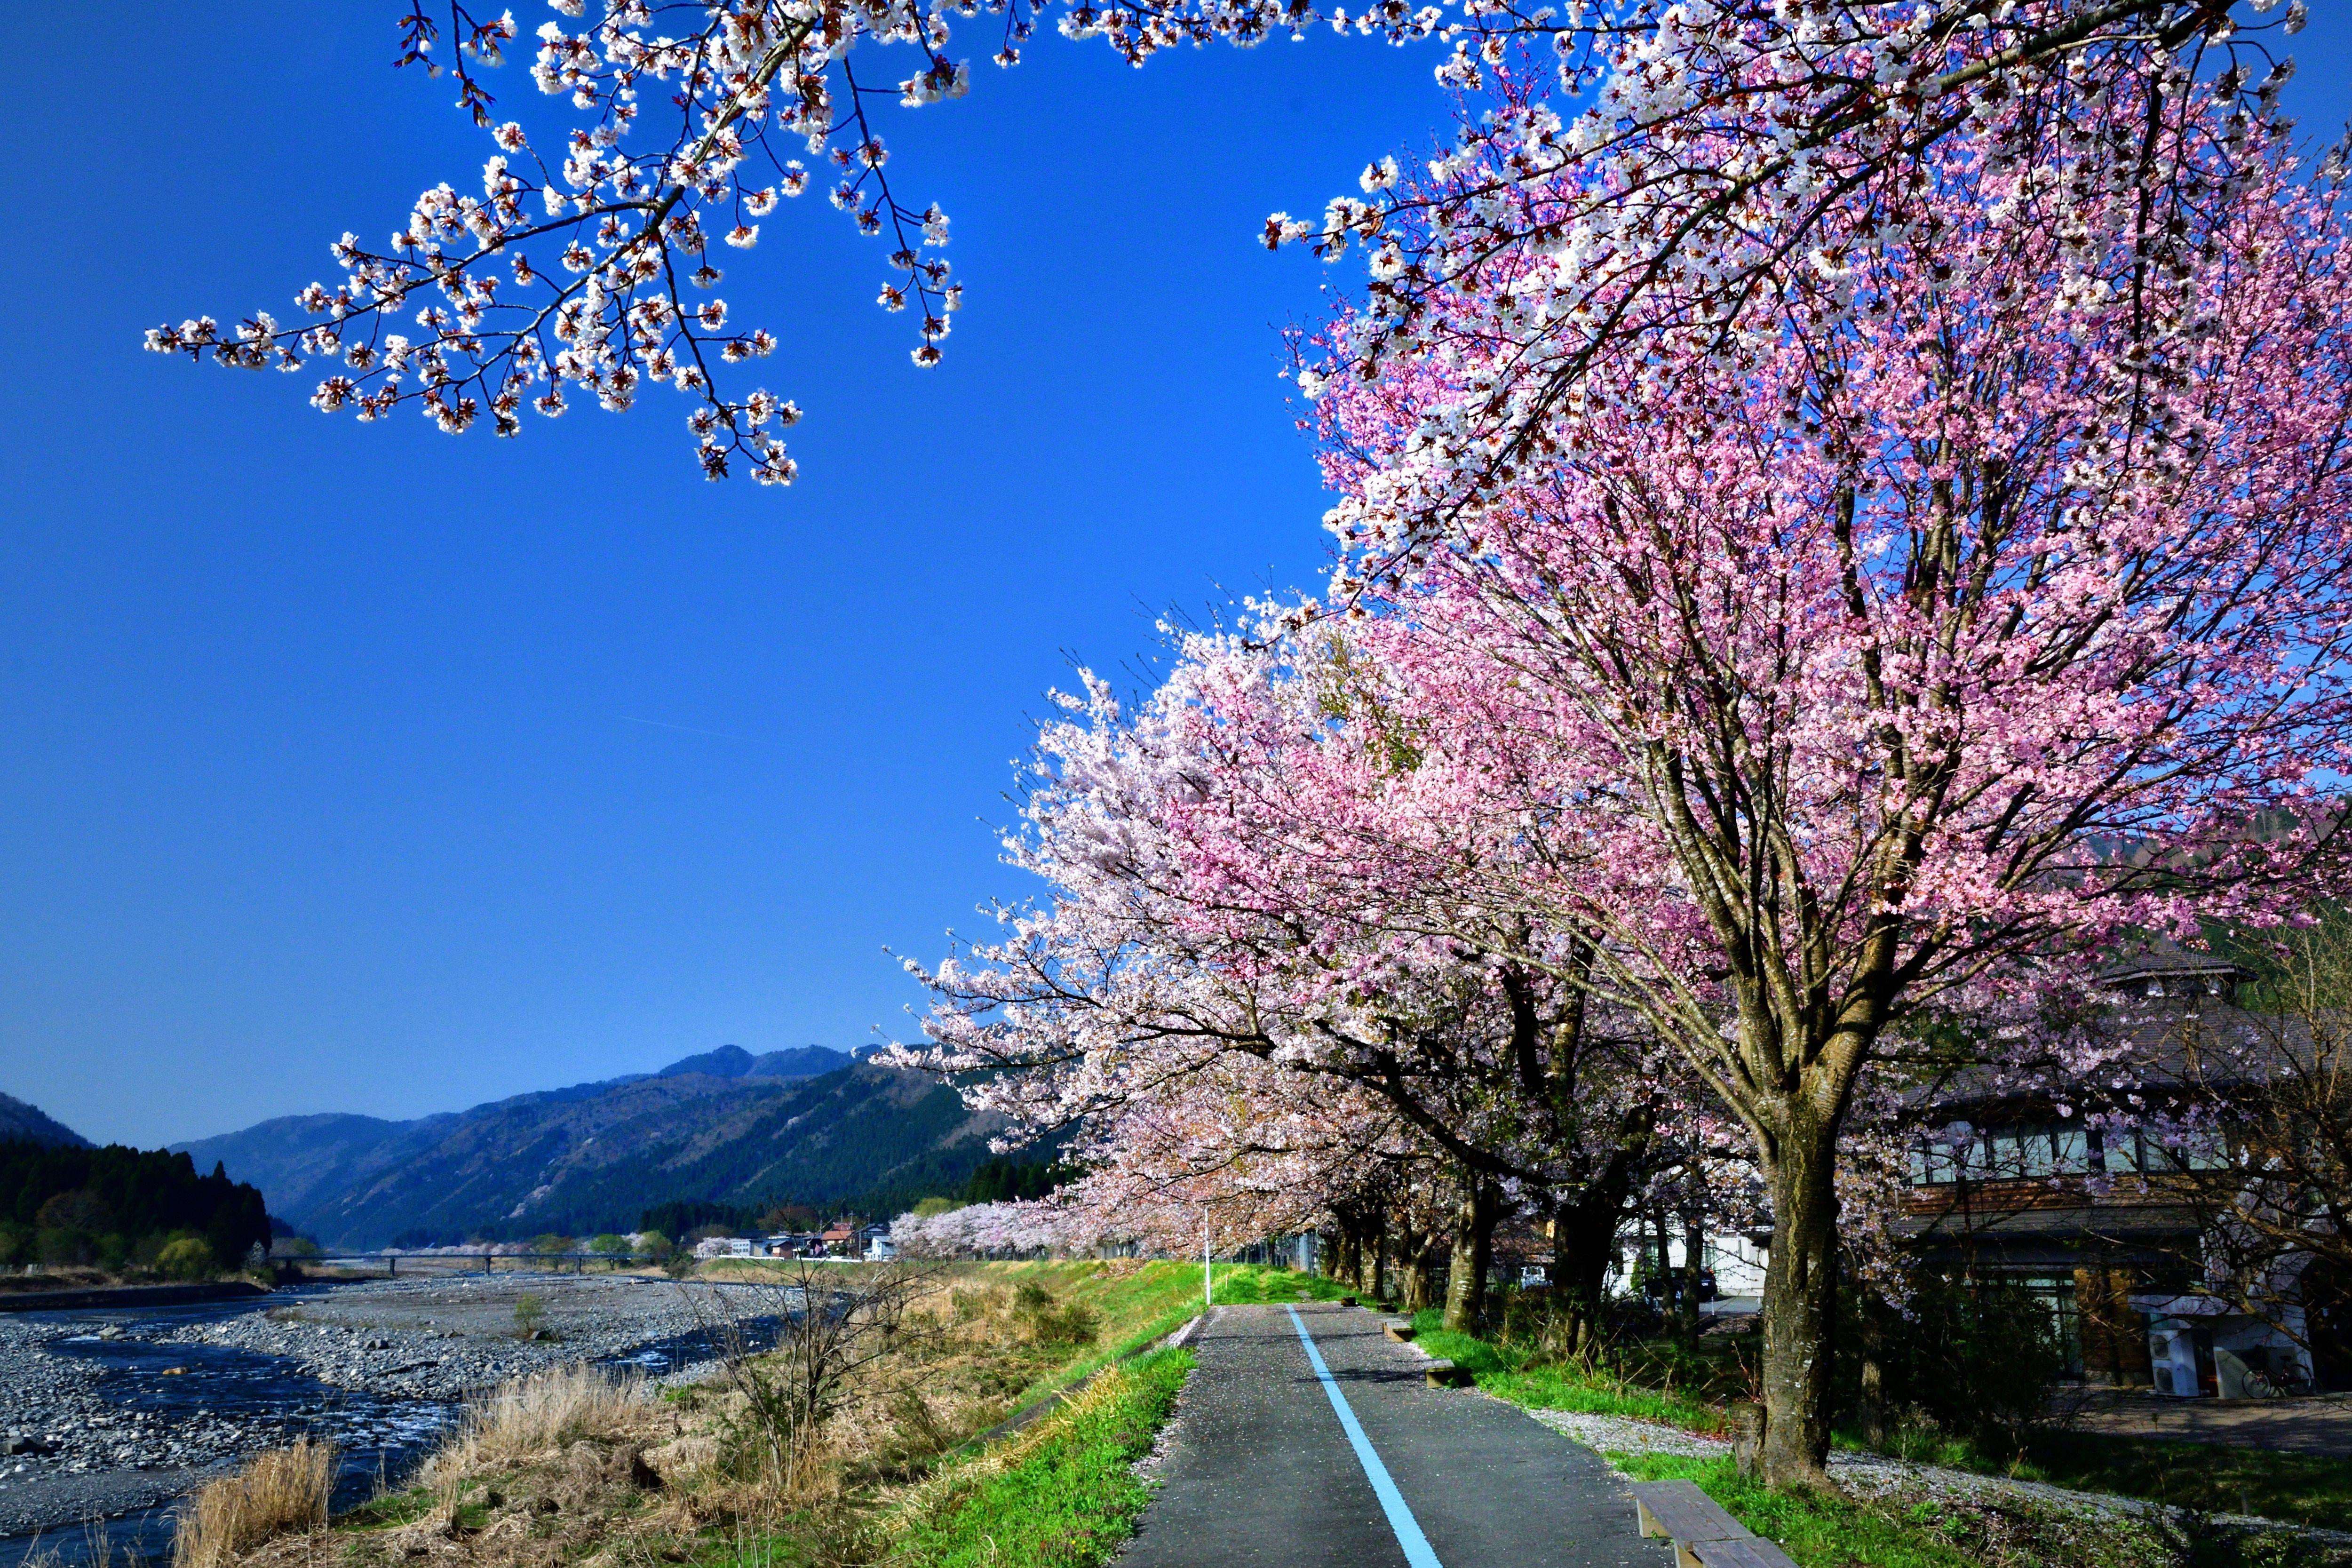 春の訪れ 福田尚人様